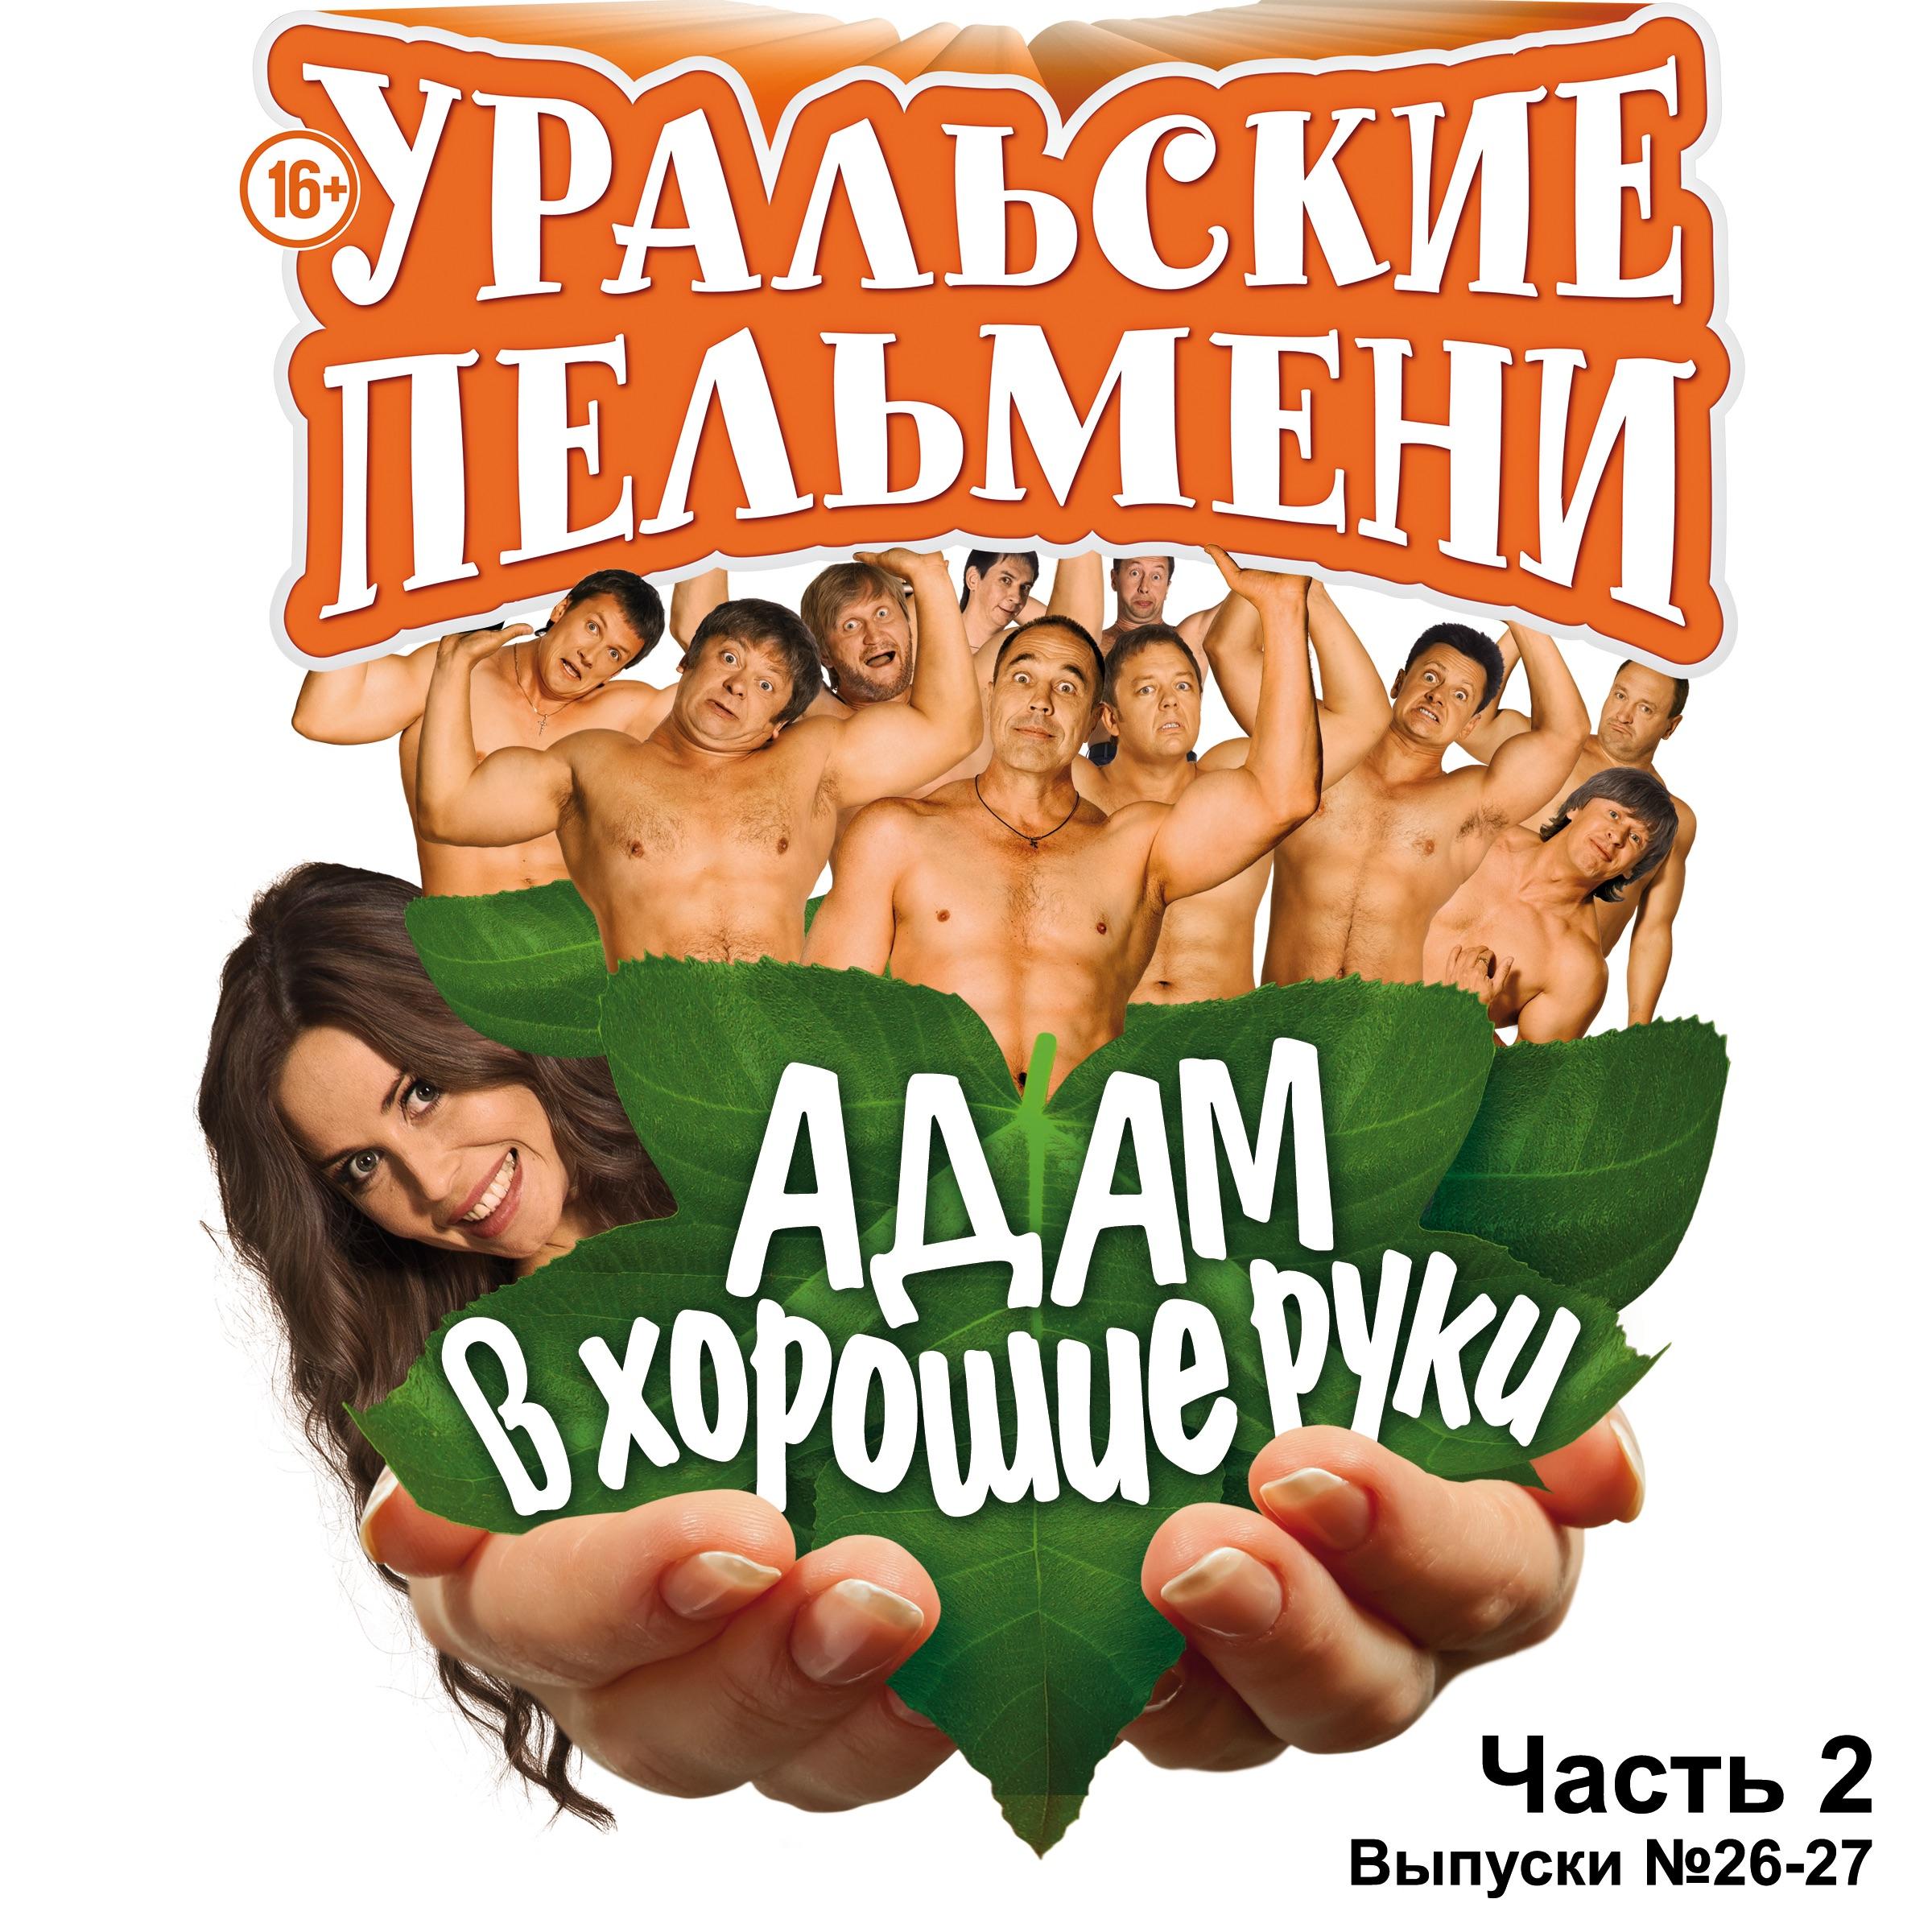 Уральские пельмени земля и люди смотреть онлайн 15 фотография